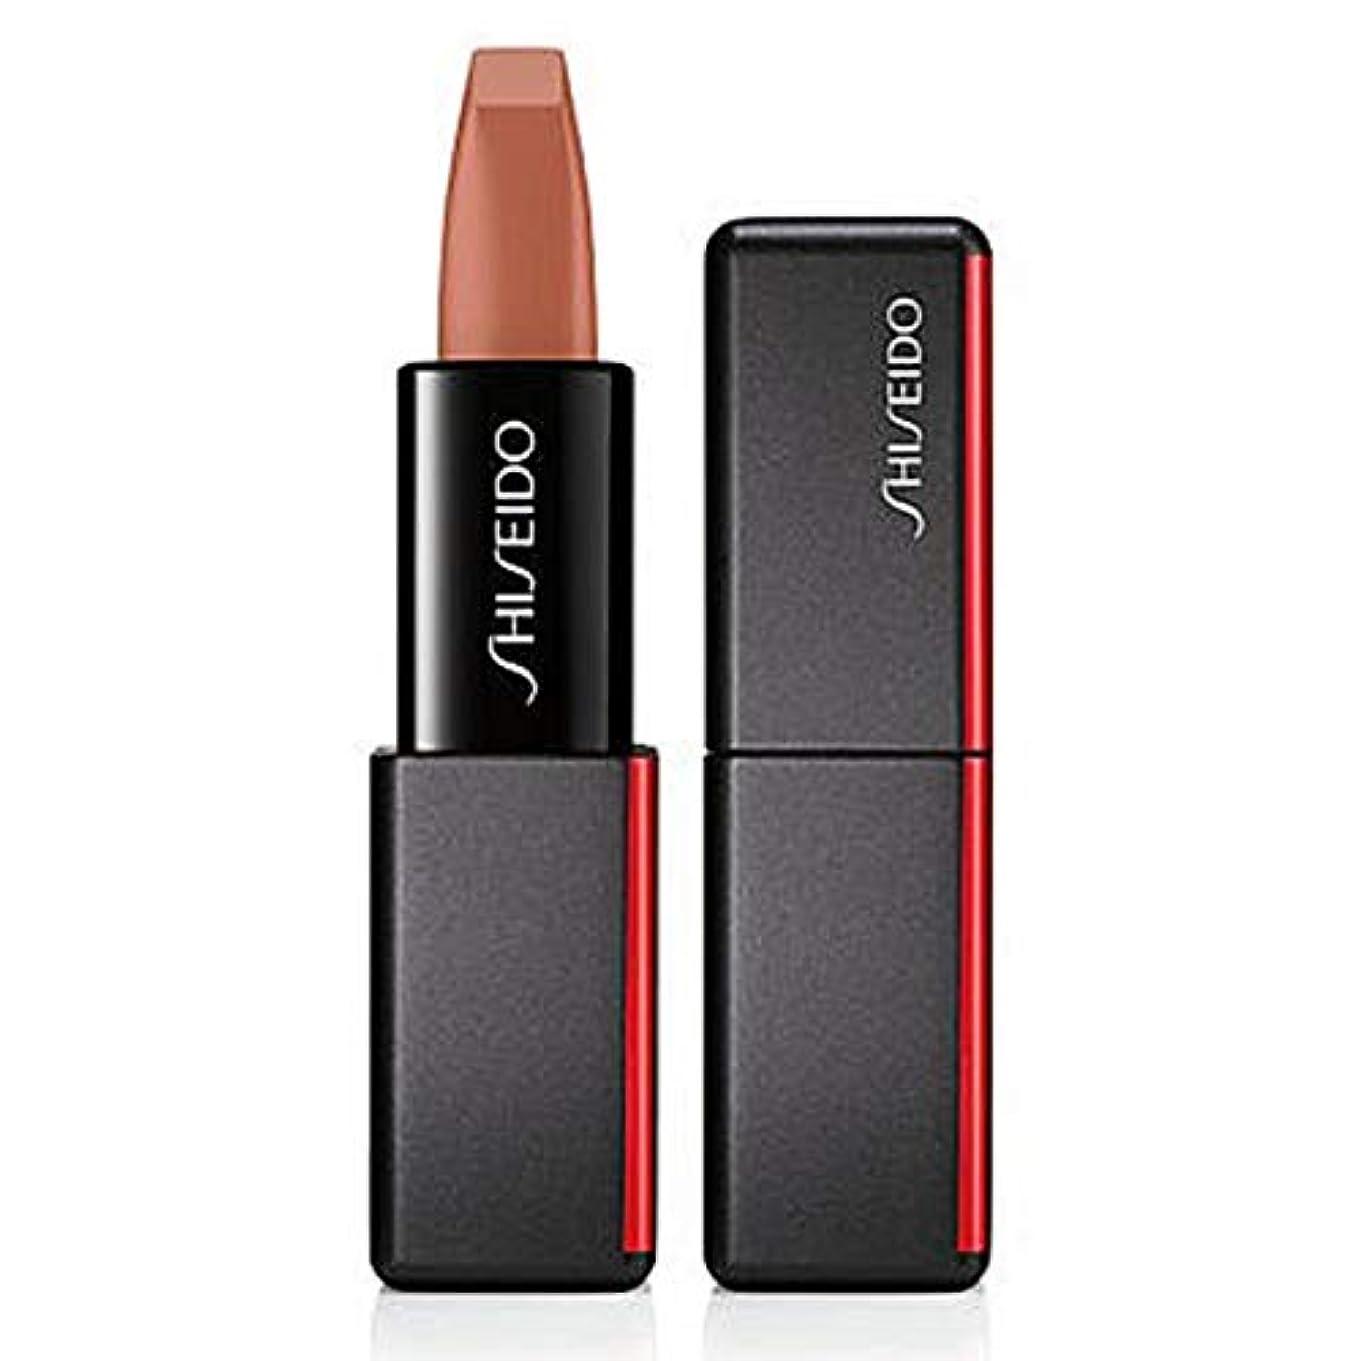 入手しますリア王でも資生堂 ModernMatte Powder Lipstick - # 504 Thigh High (Nude Beige) 4g/0.14oz並行輸入品